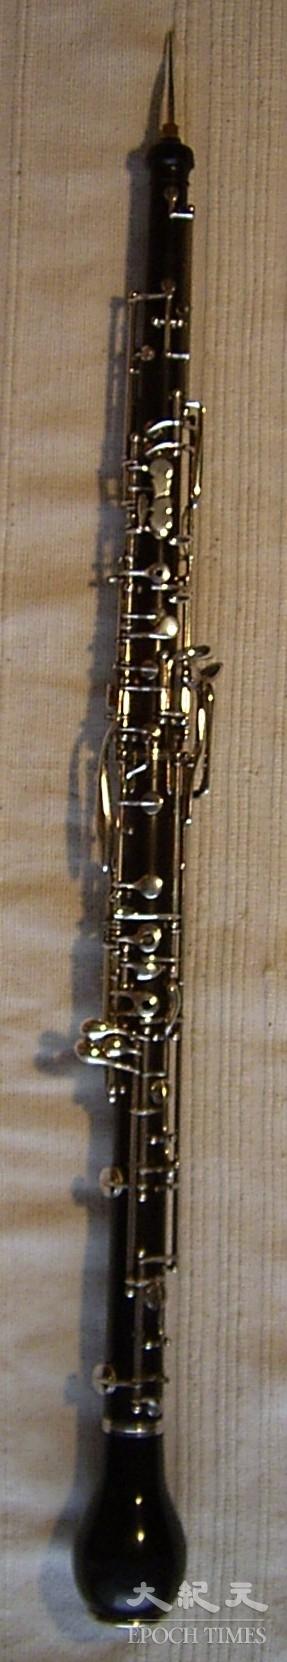 英國管比雙簧管音域低5度,適合夢幻的含蓄情調。其非管樂的基本樂器,也非出自英國,而是由原名Engellisches Horn(天使管)被後人簡化為English horn(英國管)。